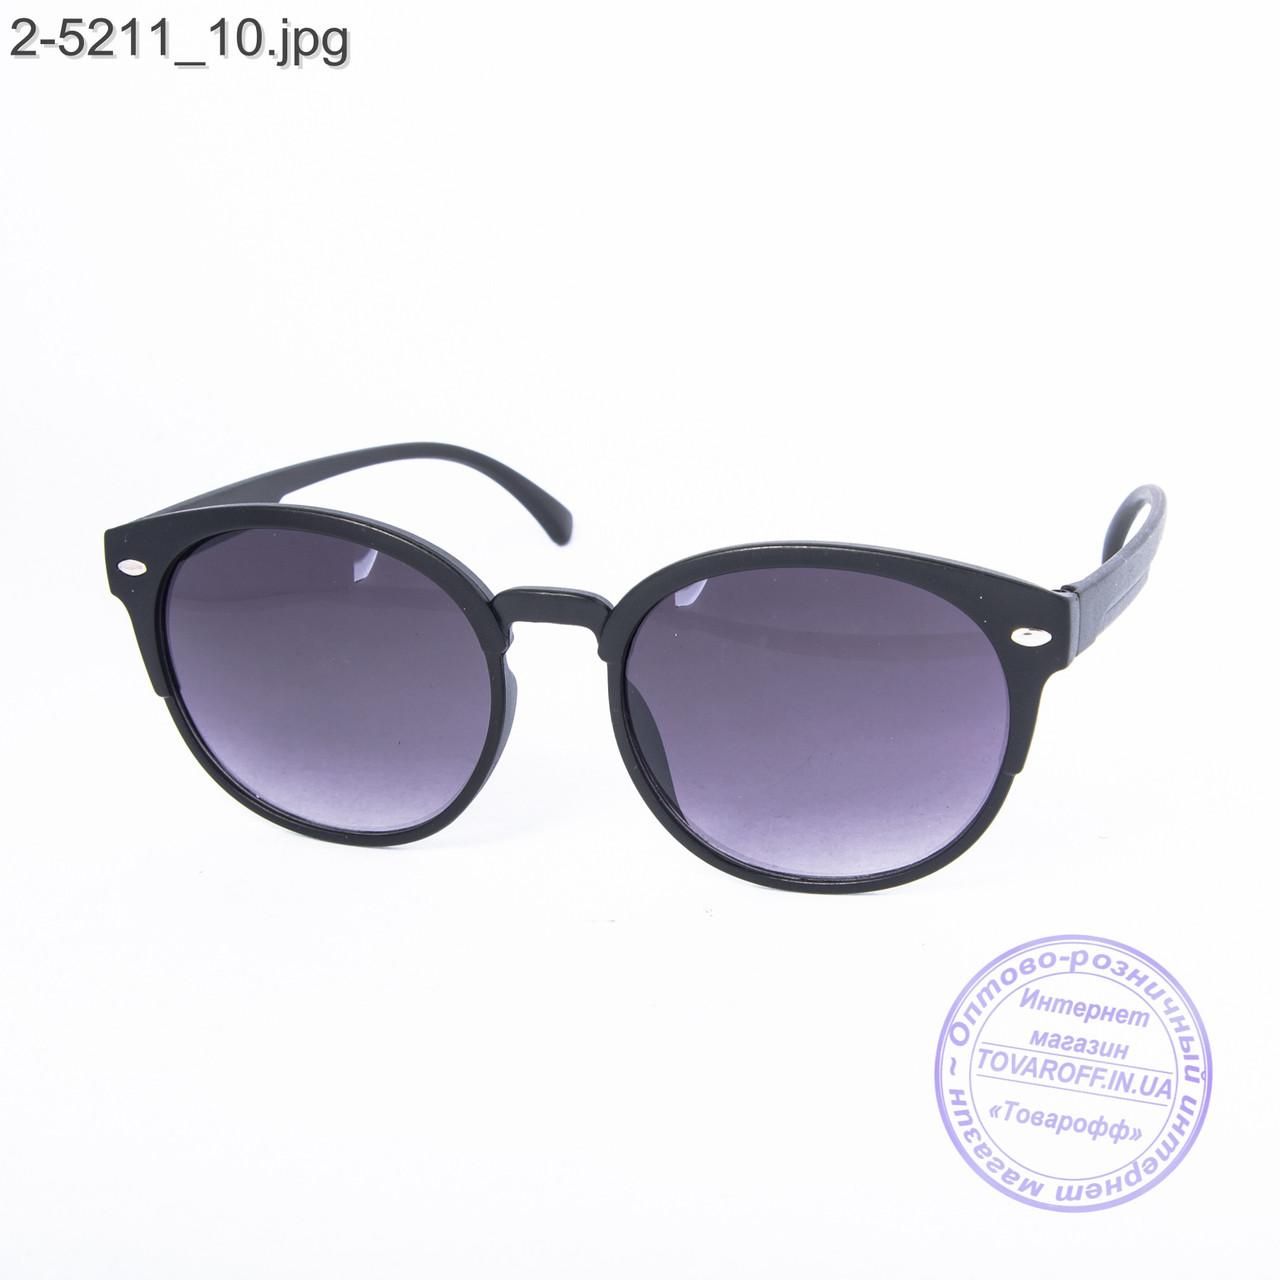 Солнцезащитные очки унисекс - черные - 2-5211